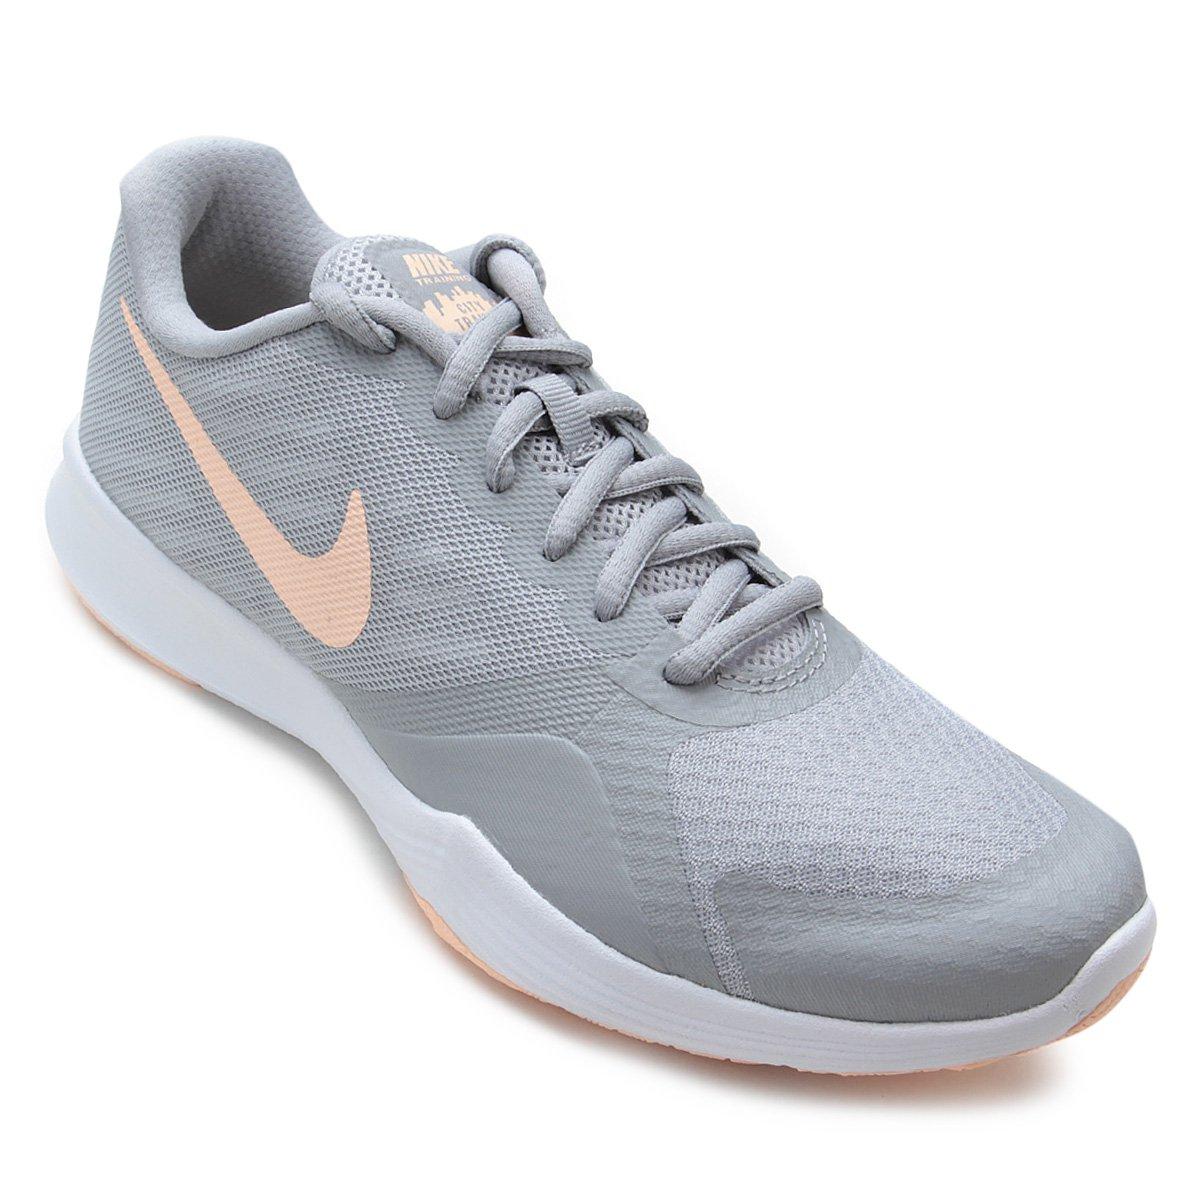 Tênis Nike City Trainer Feminino - Cinza e Salmão - Compre Agora ... fab4152fd879e